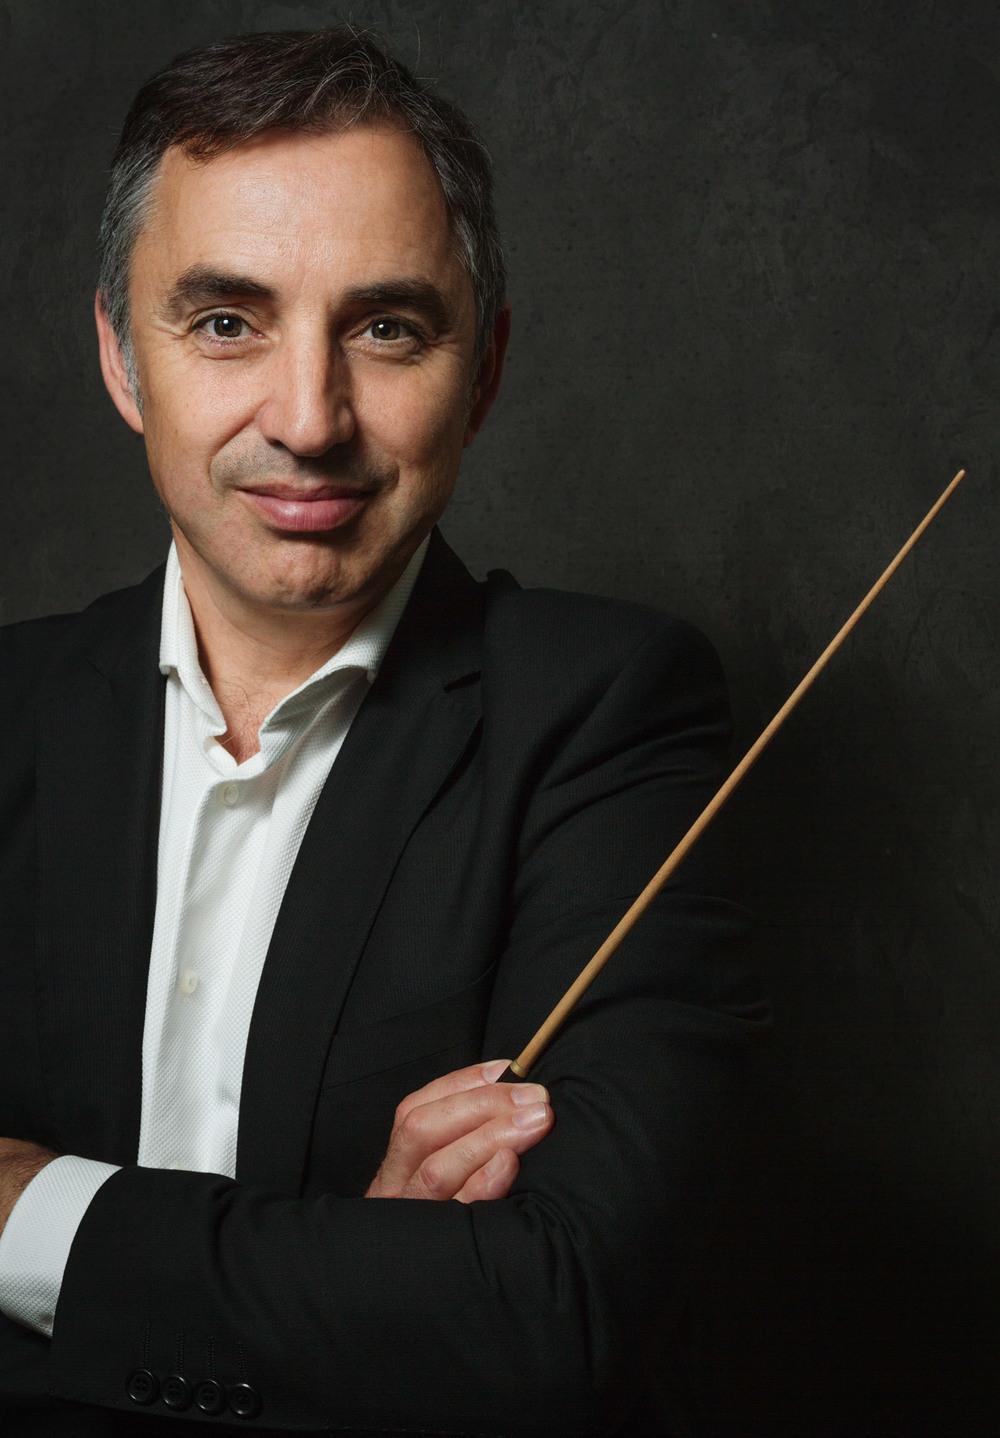 Ricardo Casero